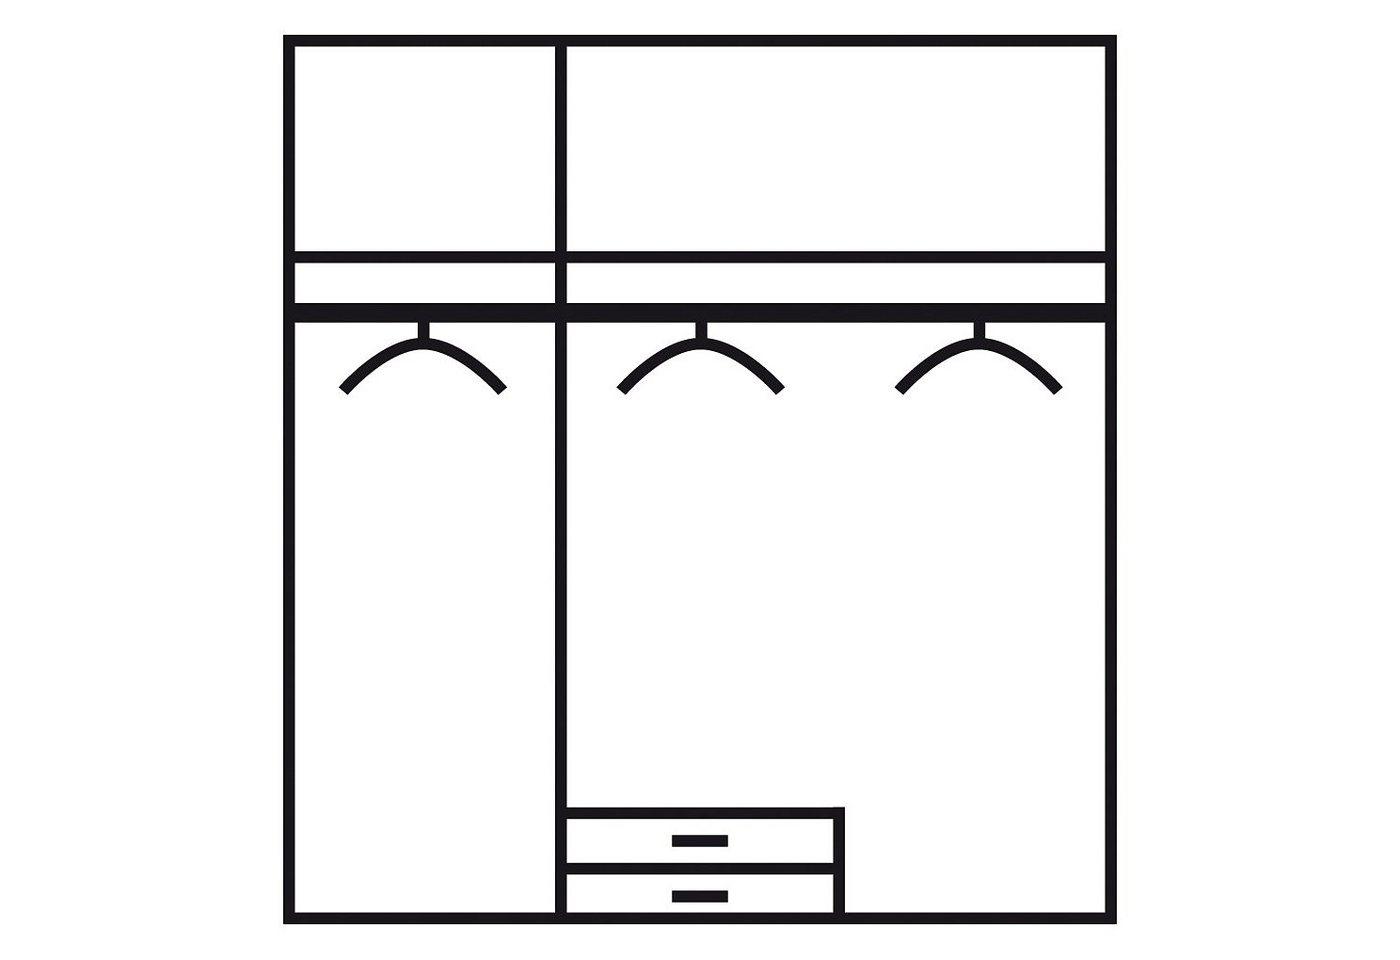 kreuzwortr tsel nummer 7124 kostenlos online l sen. Black Bedroom Furniture Sets. Home Design Ideas